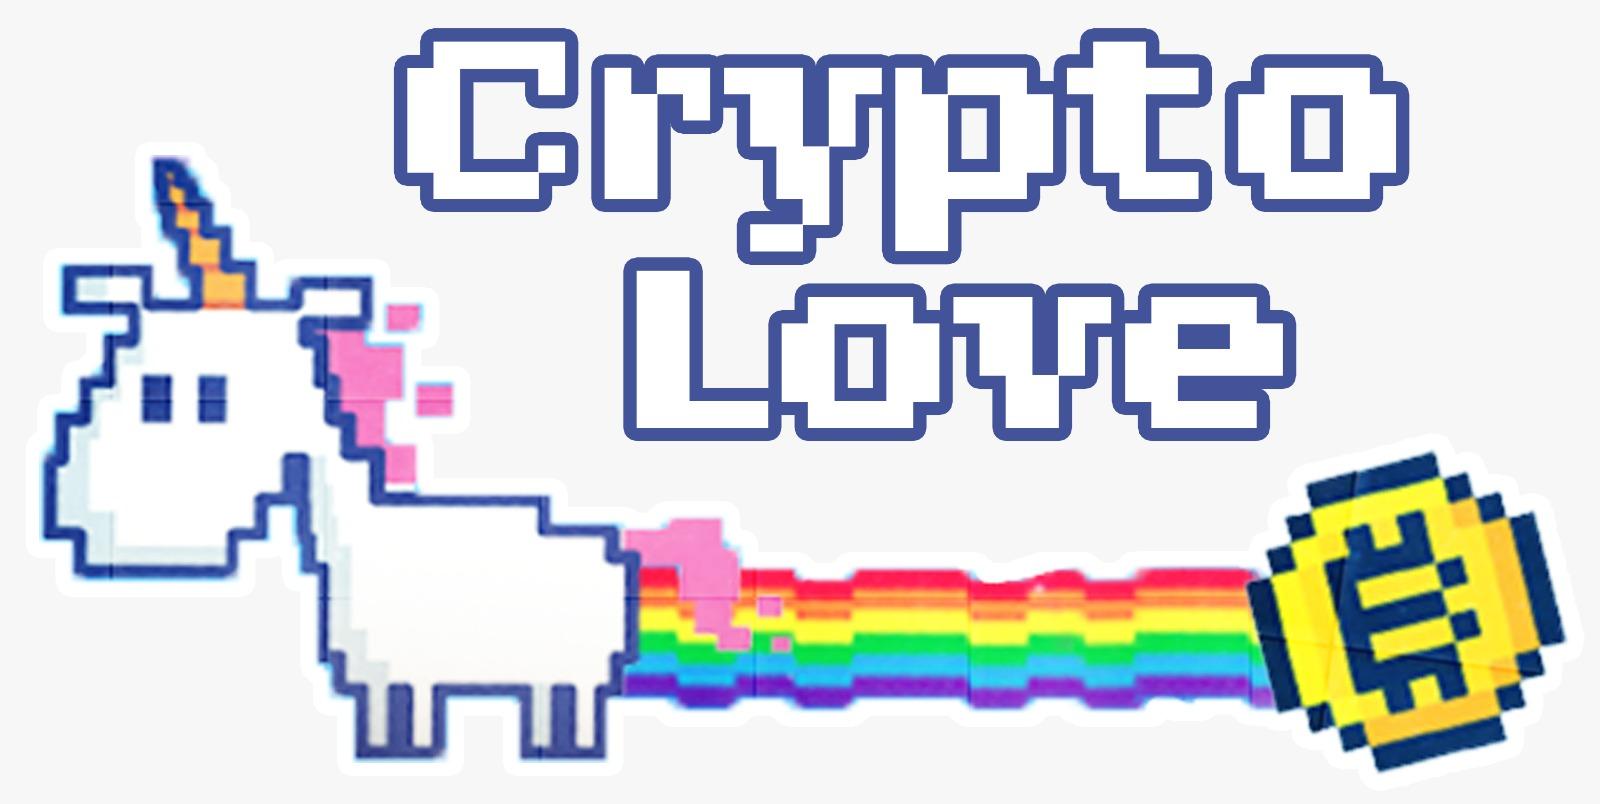 cryptoLove